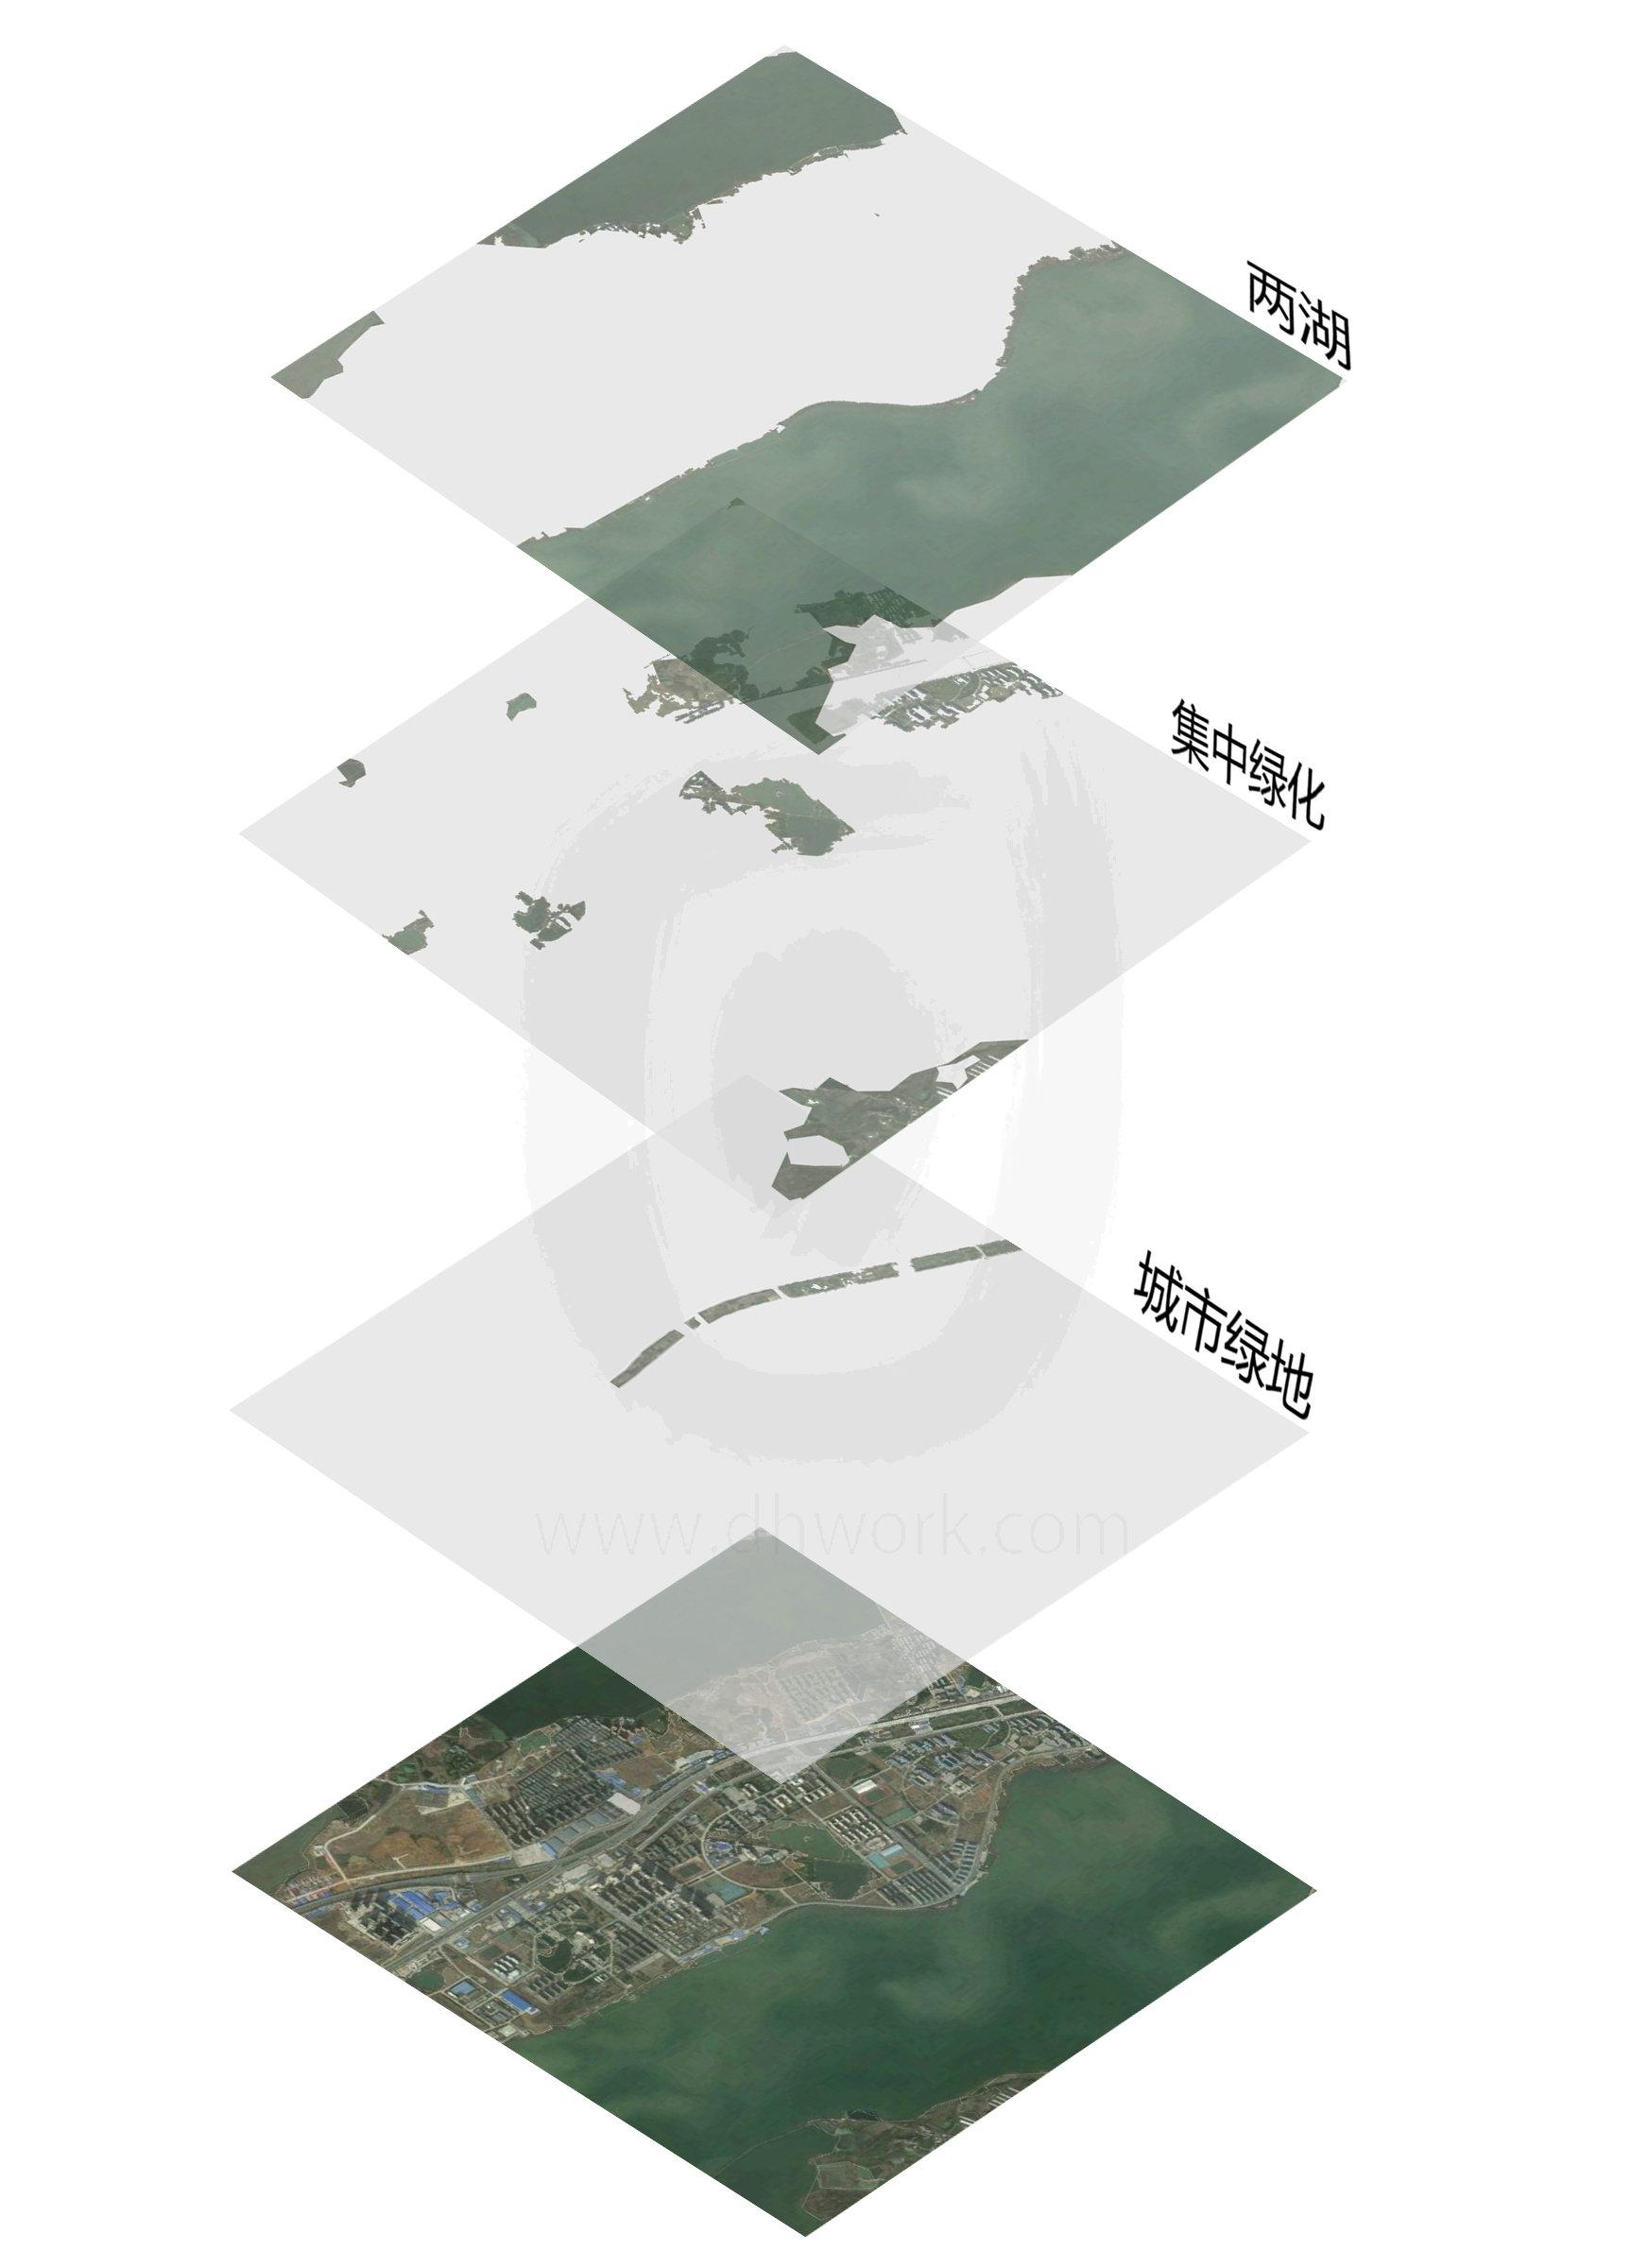 场地周边分析图.jpg